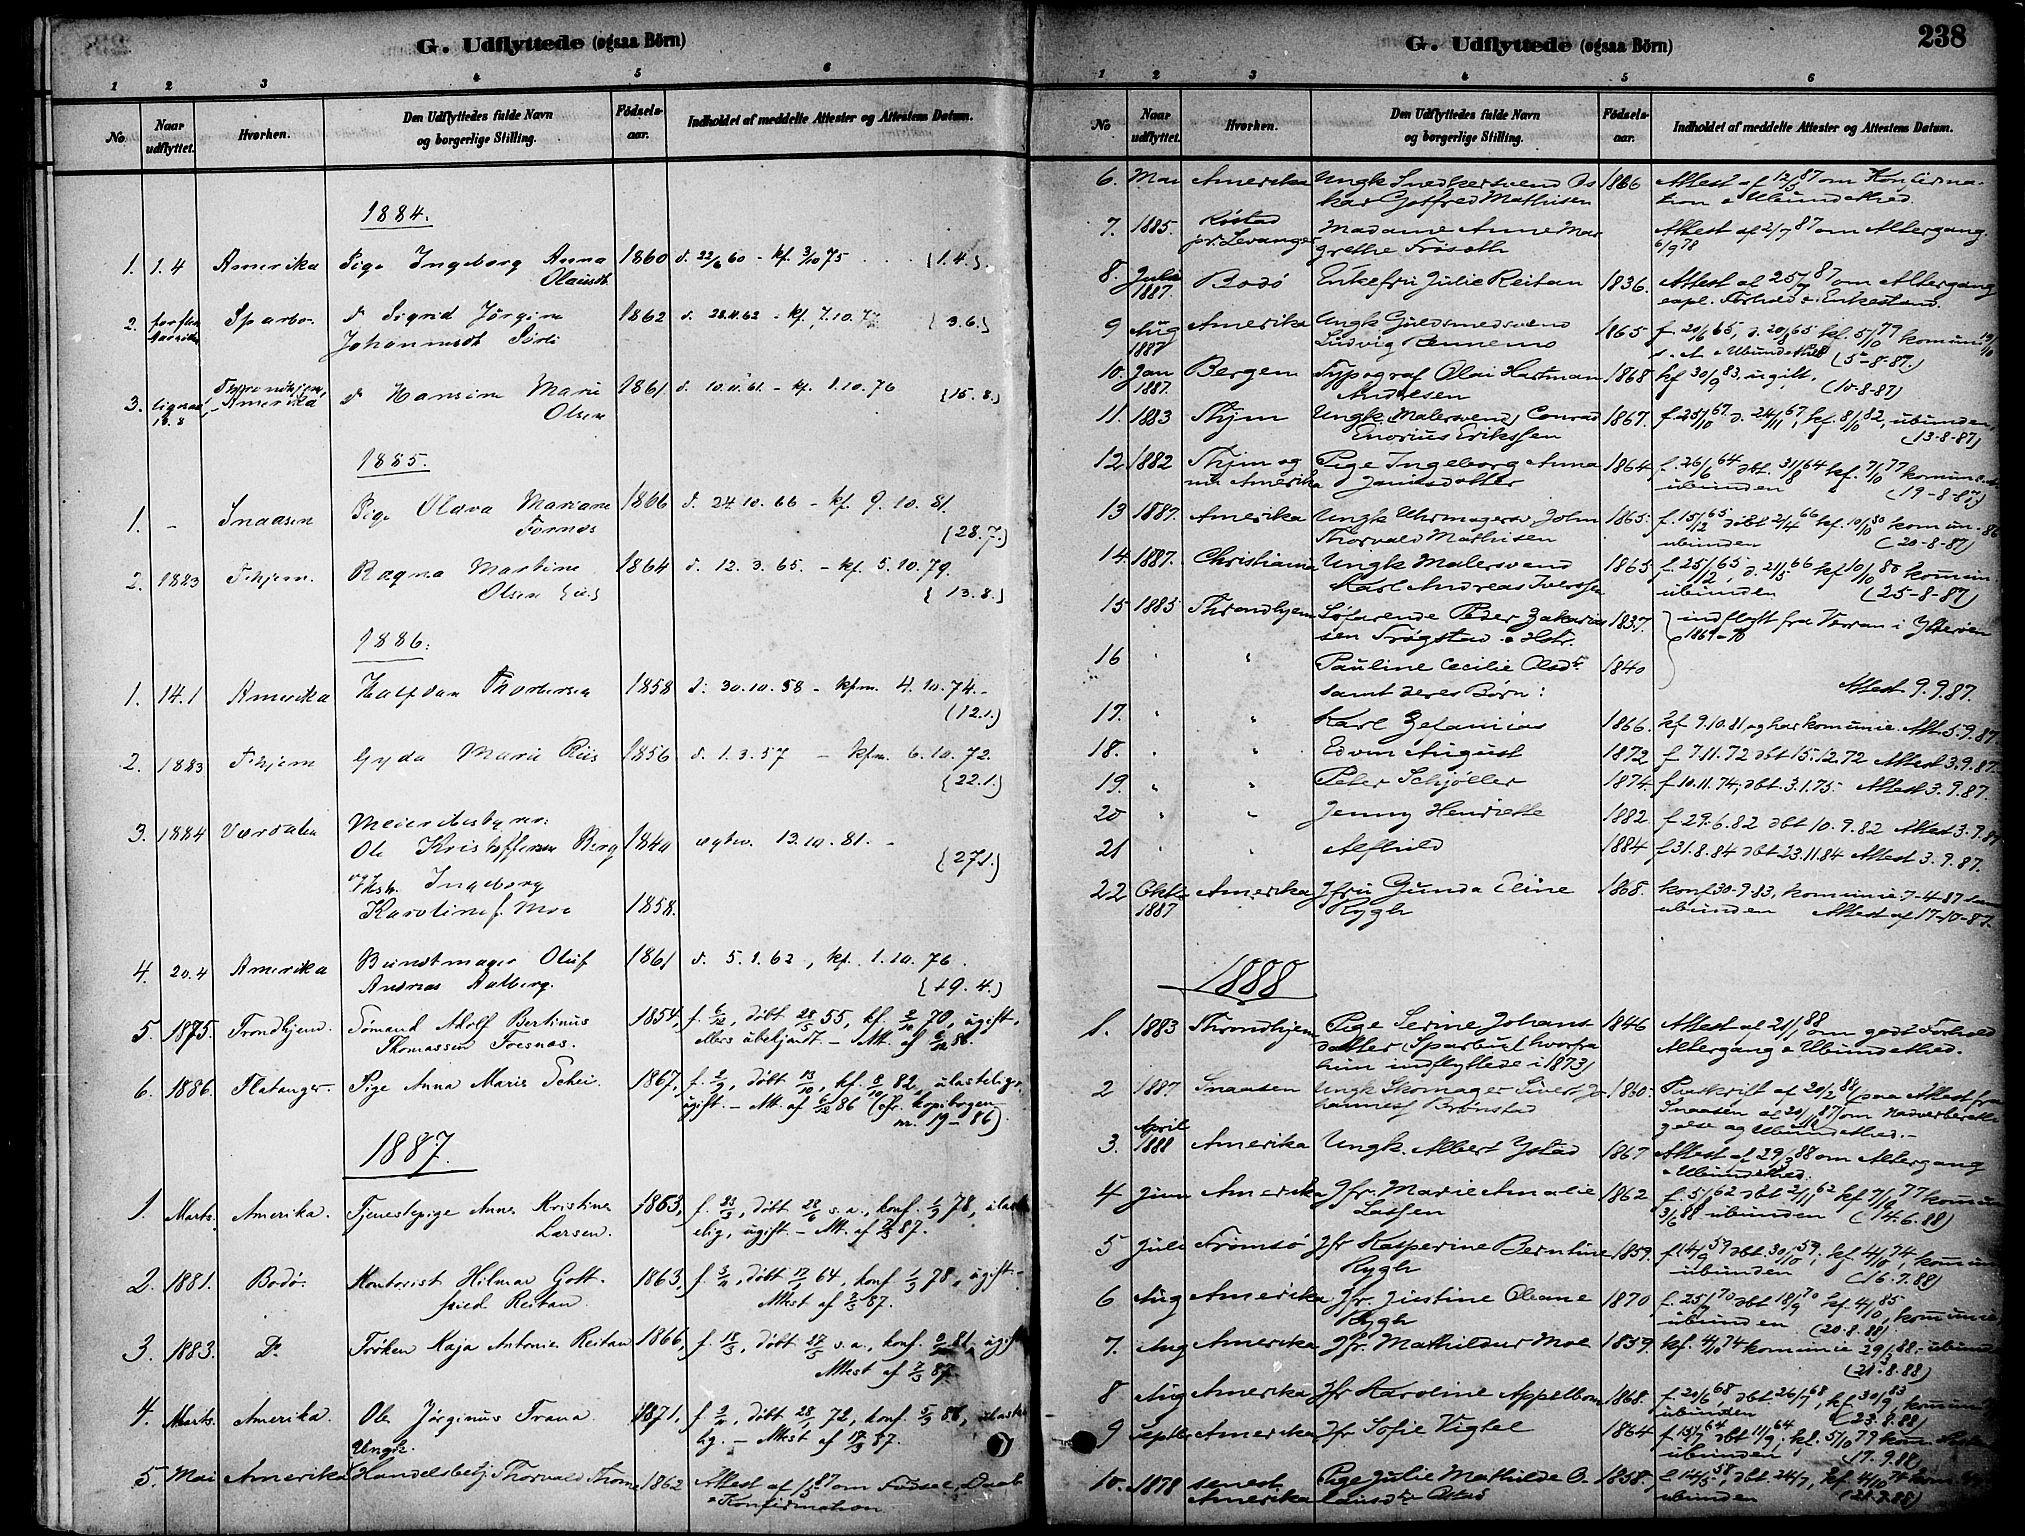 SAT, Ministerialprotokoller, klokkerbøker og fødselsregistre - Nord-Trøndelag, 739/L0371: Ministerialbok nr. 739A03, 1881-1895, s. 238